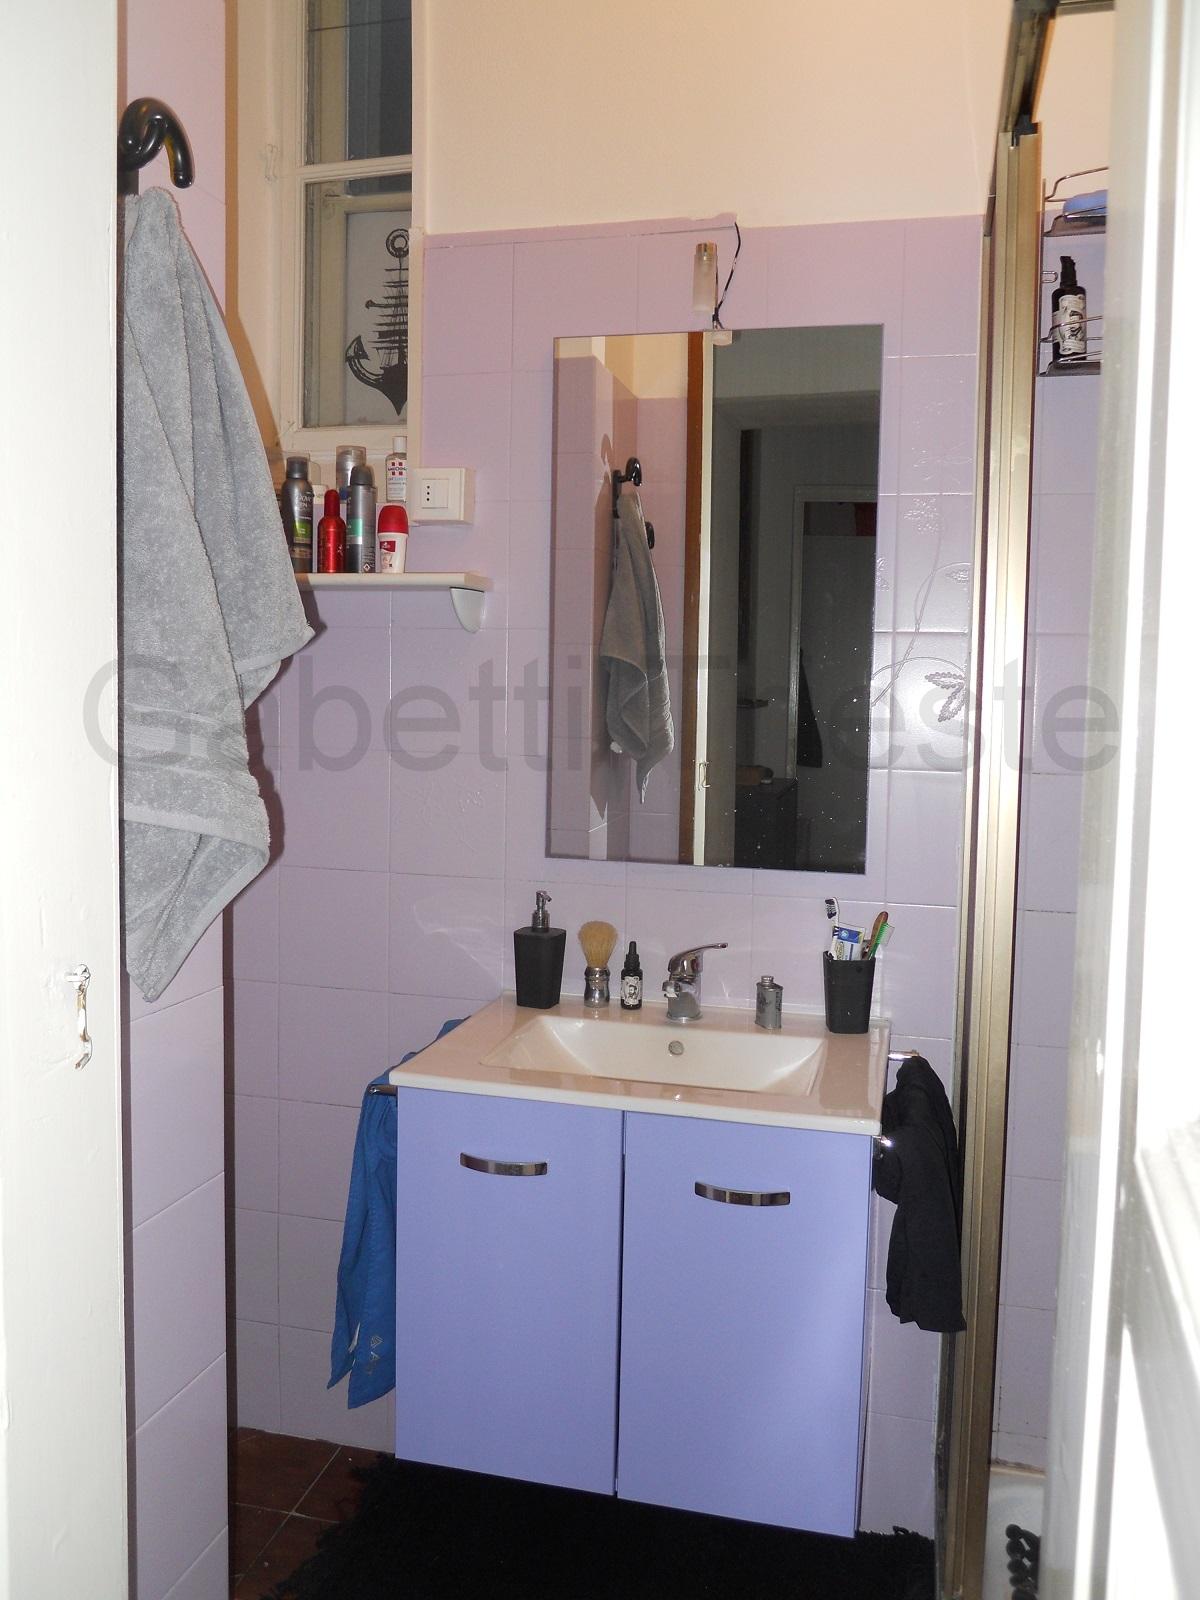 Foto Bagni Moderni Arredati.4 Gabetti Trieste Affitto Appartamento Arredato Moderno Luminoso